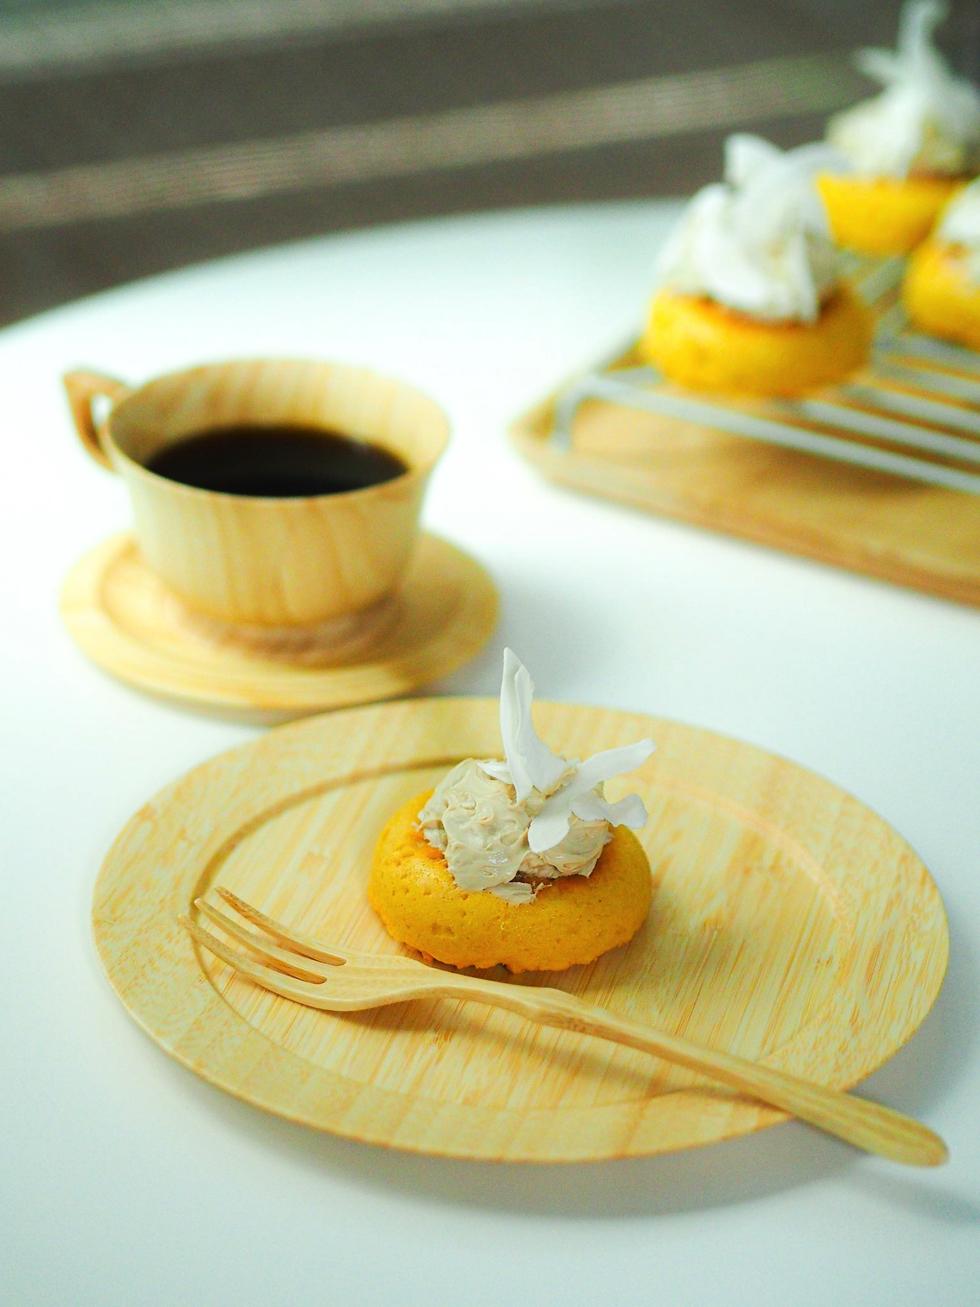 低糖質グルテンフリー&シュガーフリー 焼きドーナツ リヴェレット